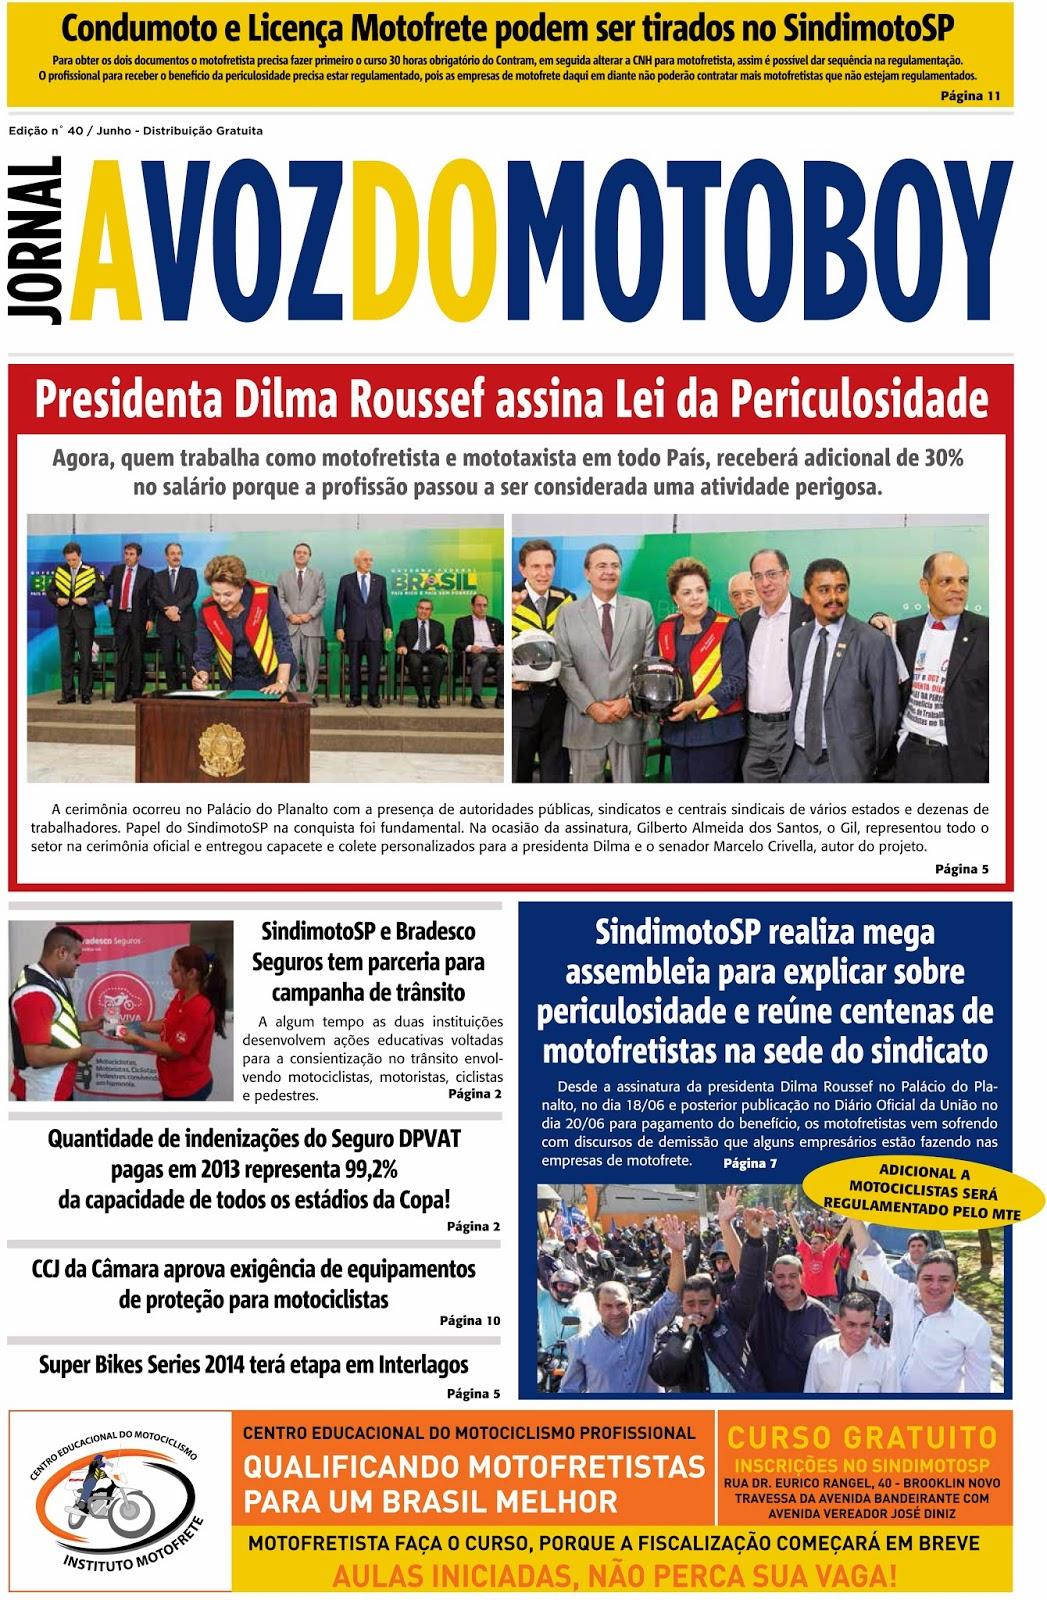 http://sindimotosp.com.br/informativos/Jornal/Jornal%2040.pdf